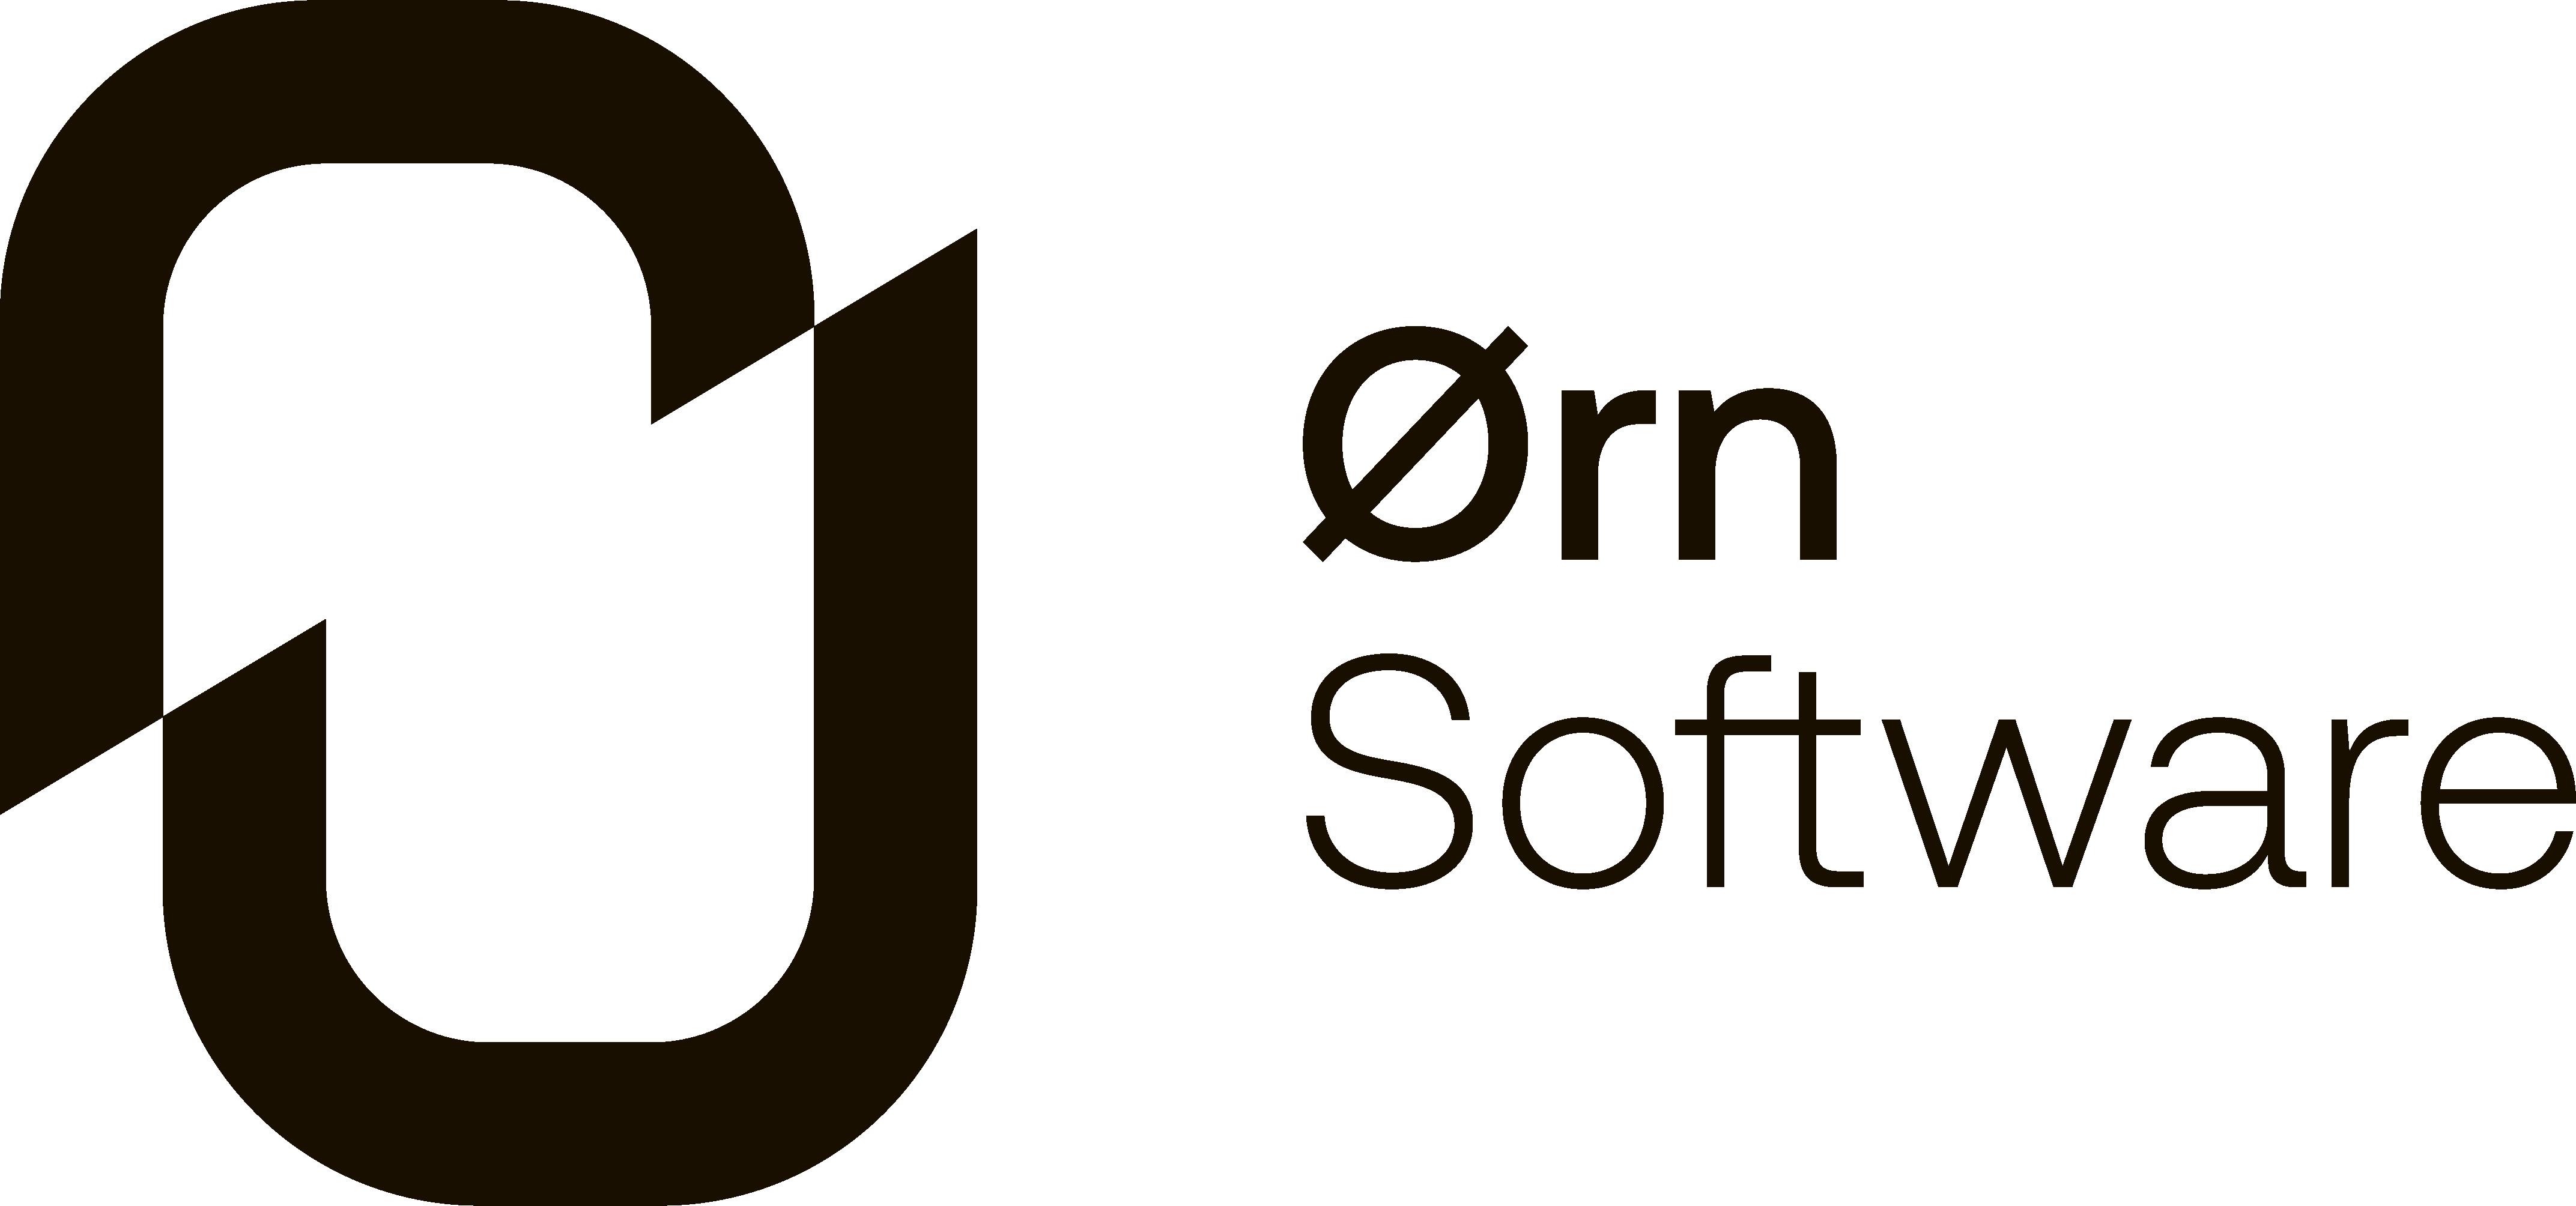 ørn software logo